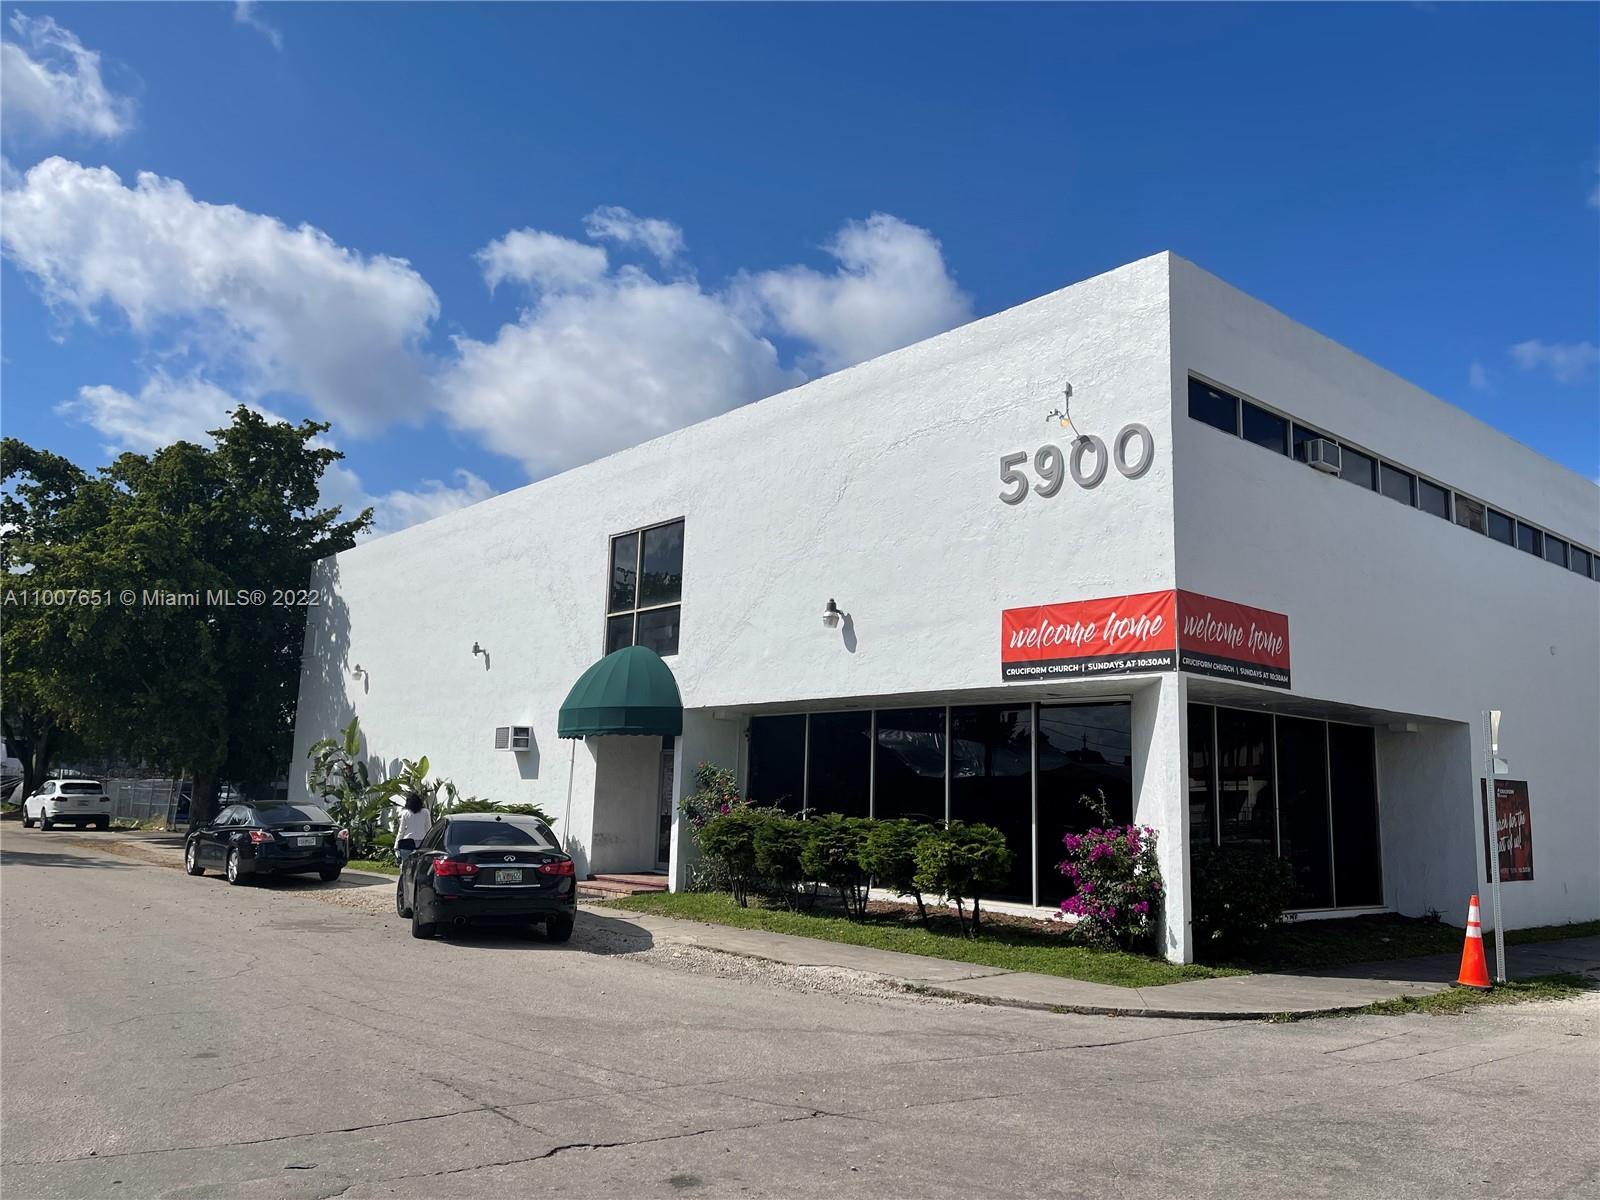 5900 Dewey St, Hollywood FL 33023 - Photo 1